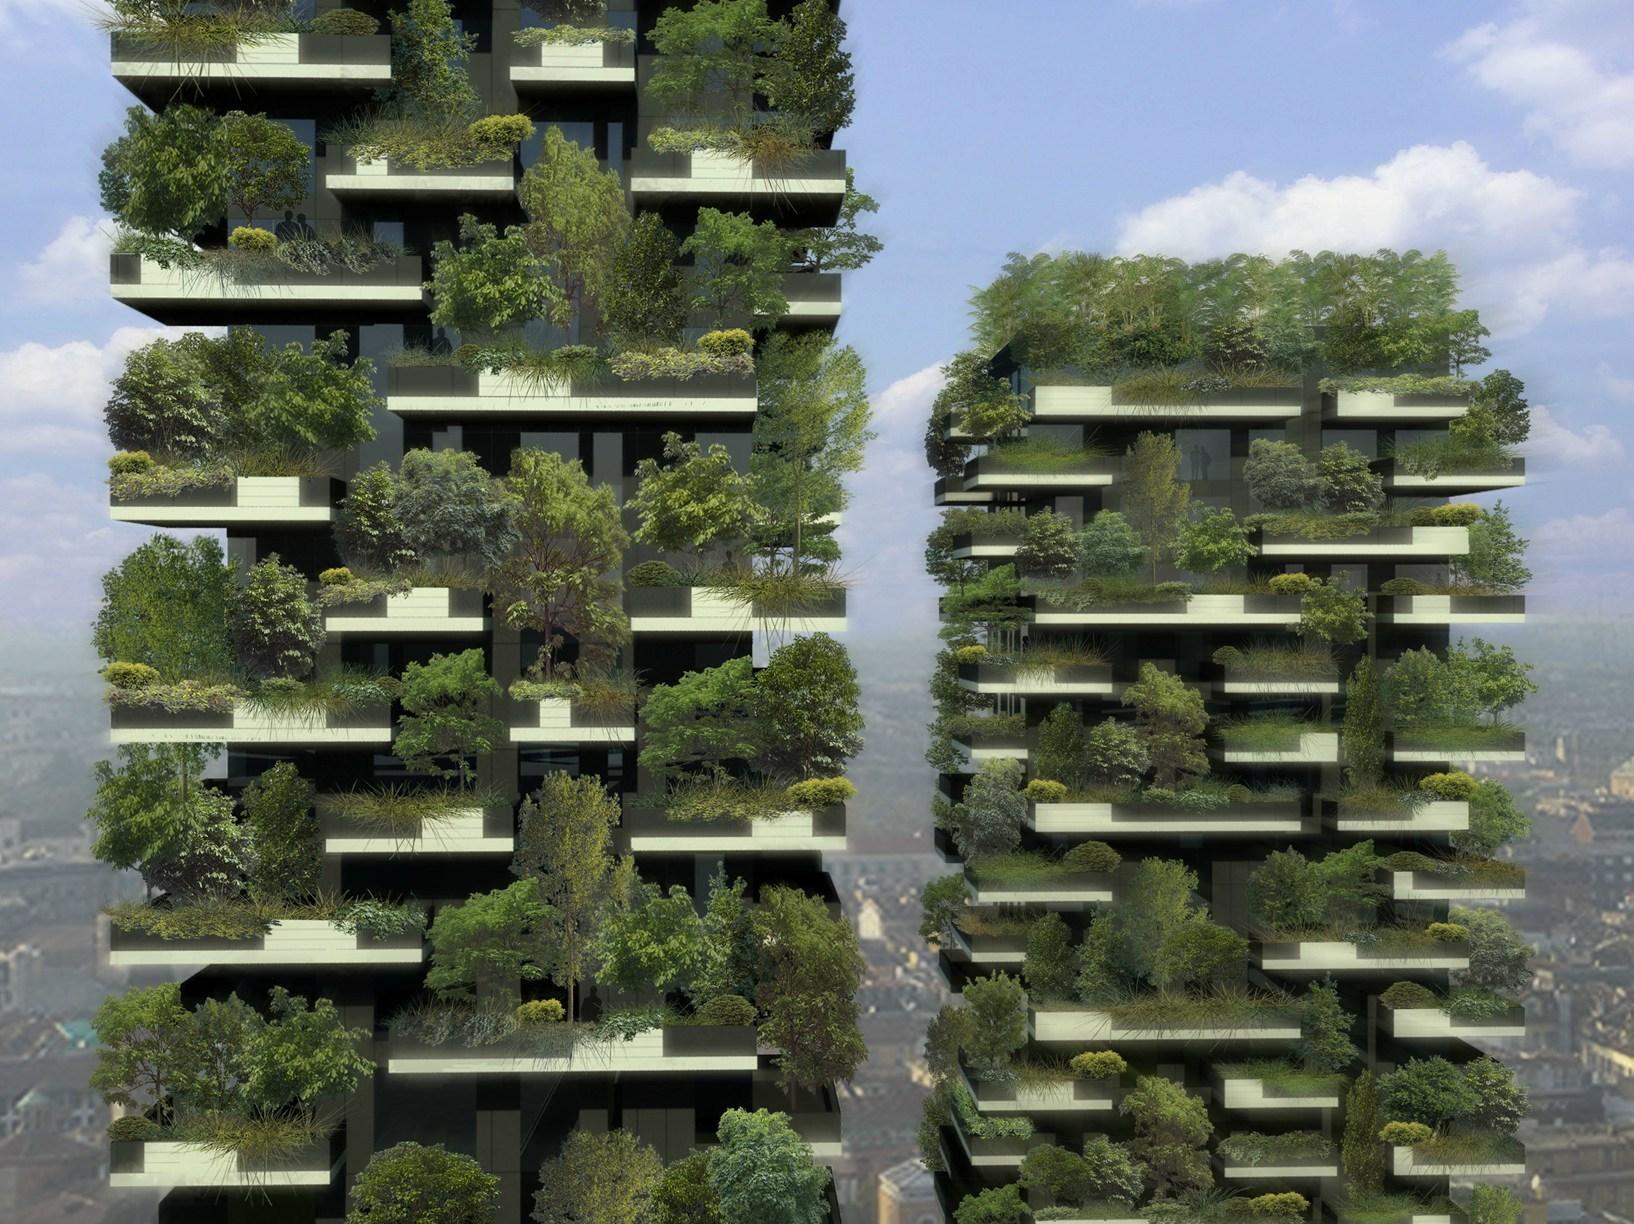 Tecnologia geberit a milano per il 39 bosco verticale 39 - Via porta nuova milano ...